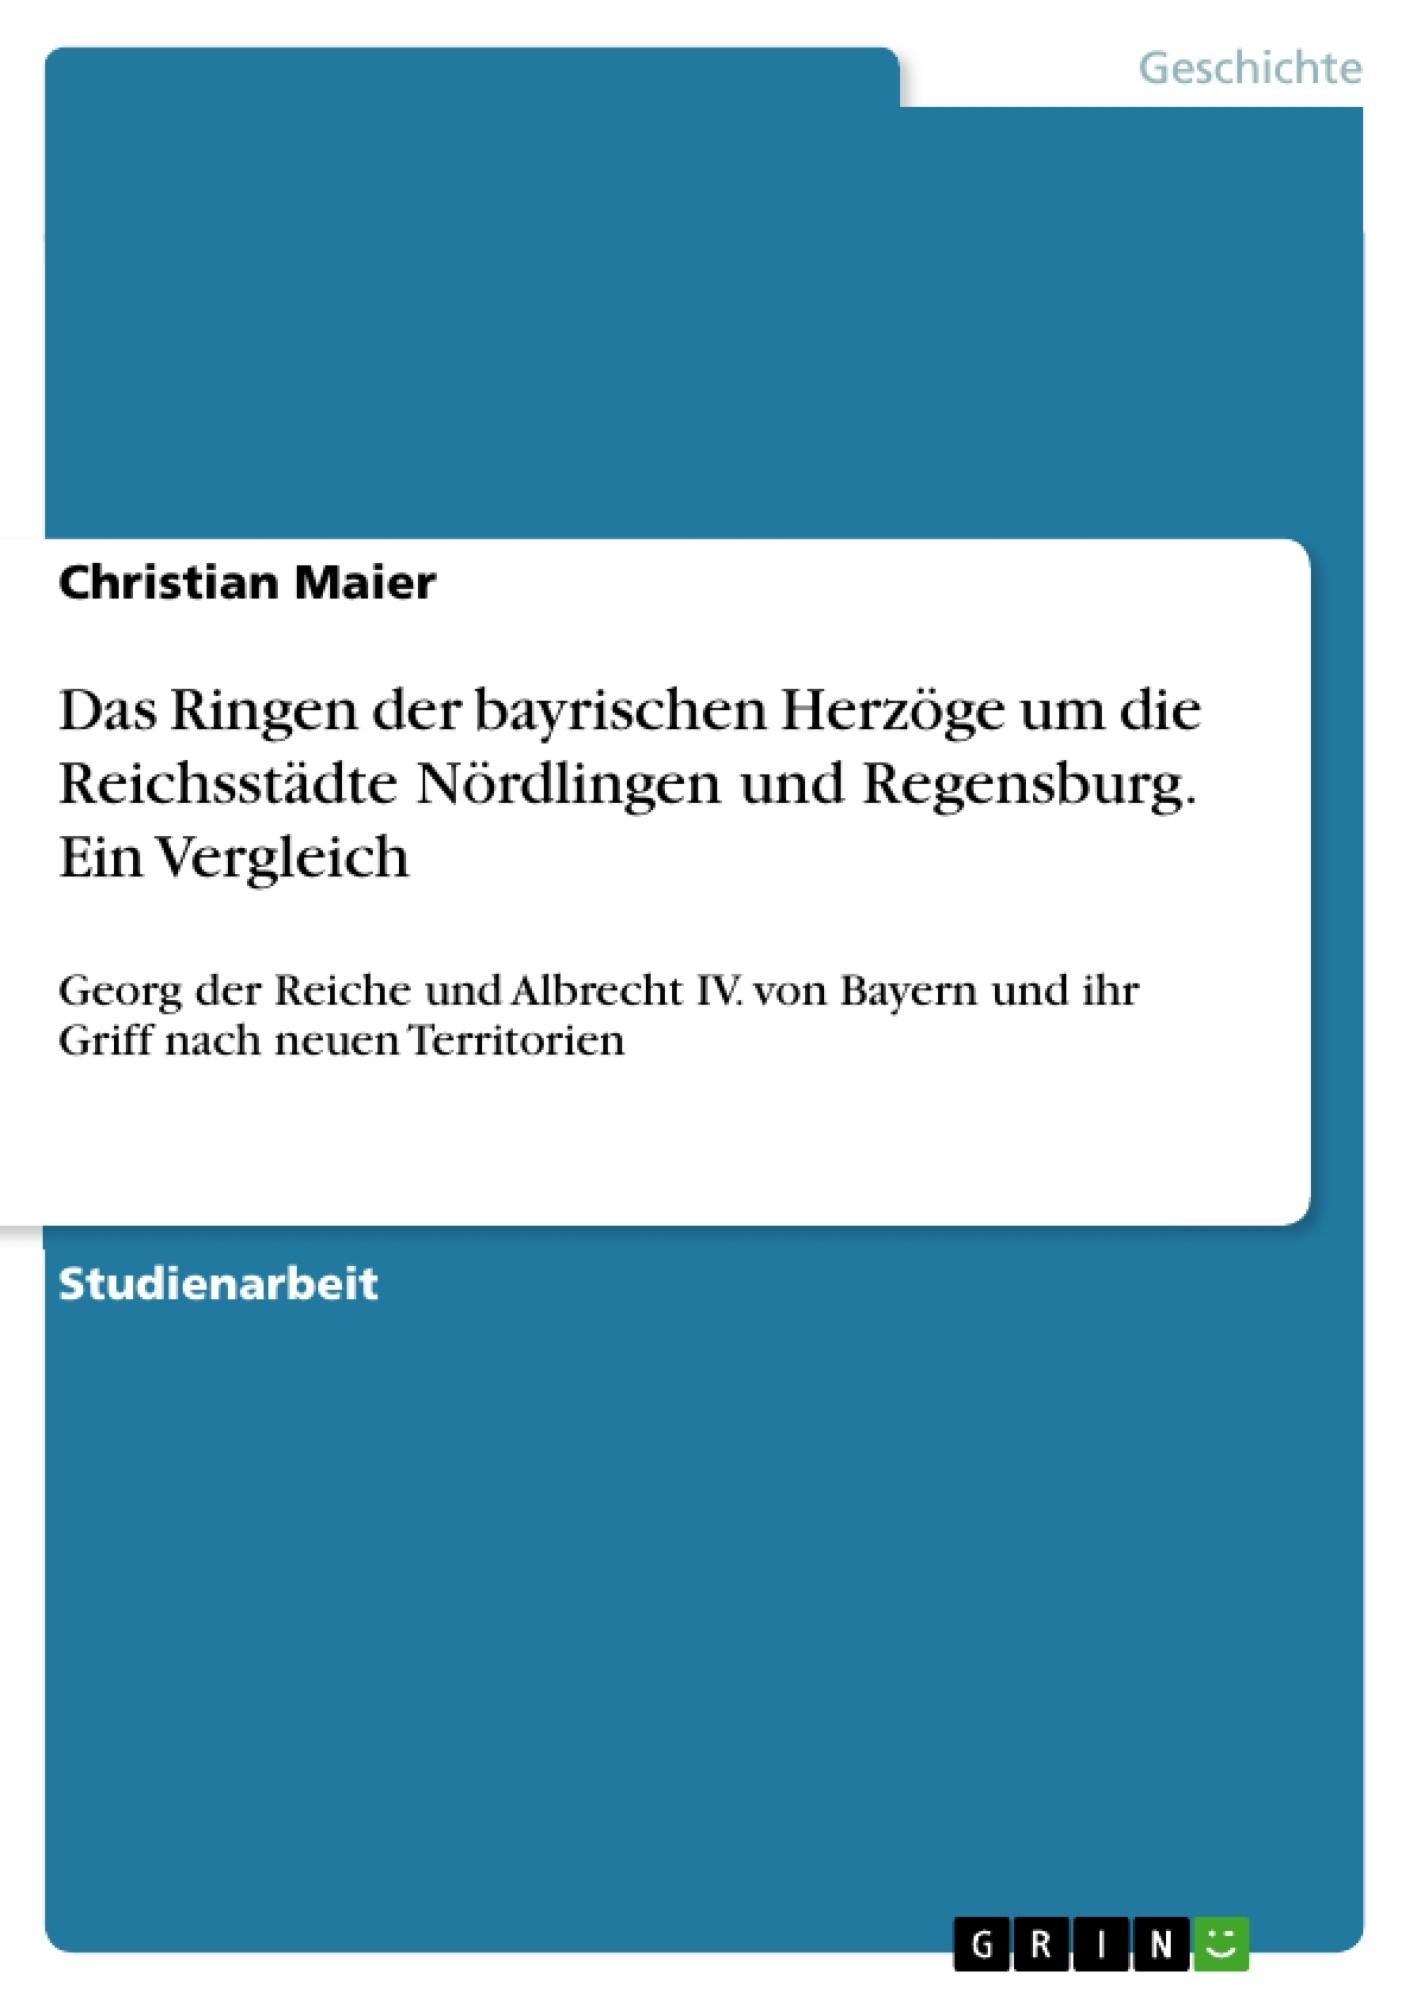 Titel: Das Ringen der bayrischen Herzöge um die Reichsstädte Nördlingen und Regensburg. Ein Vergleich